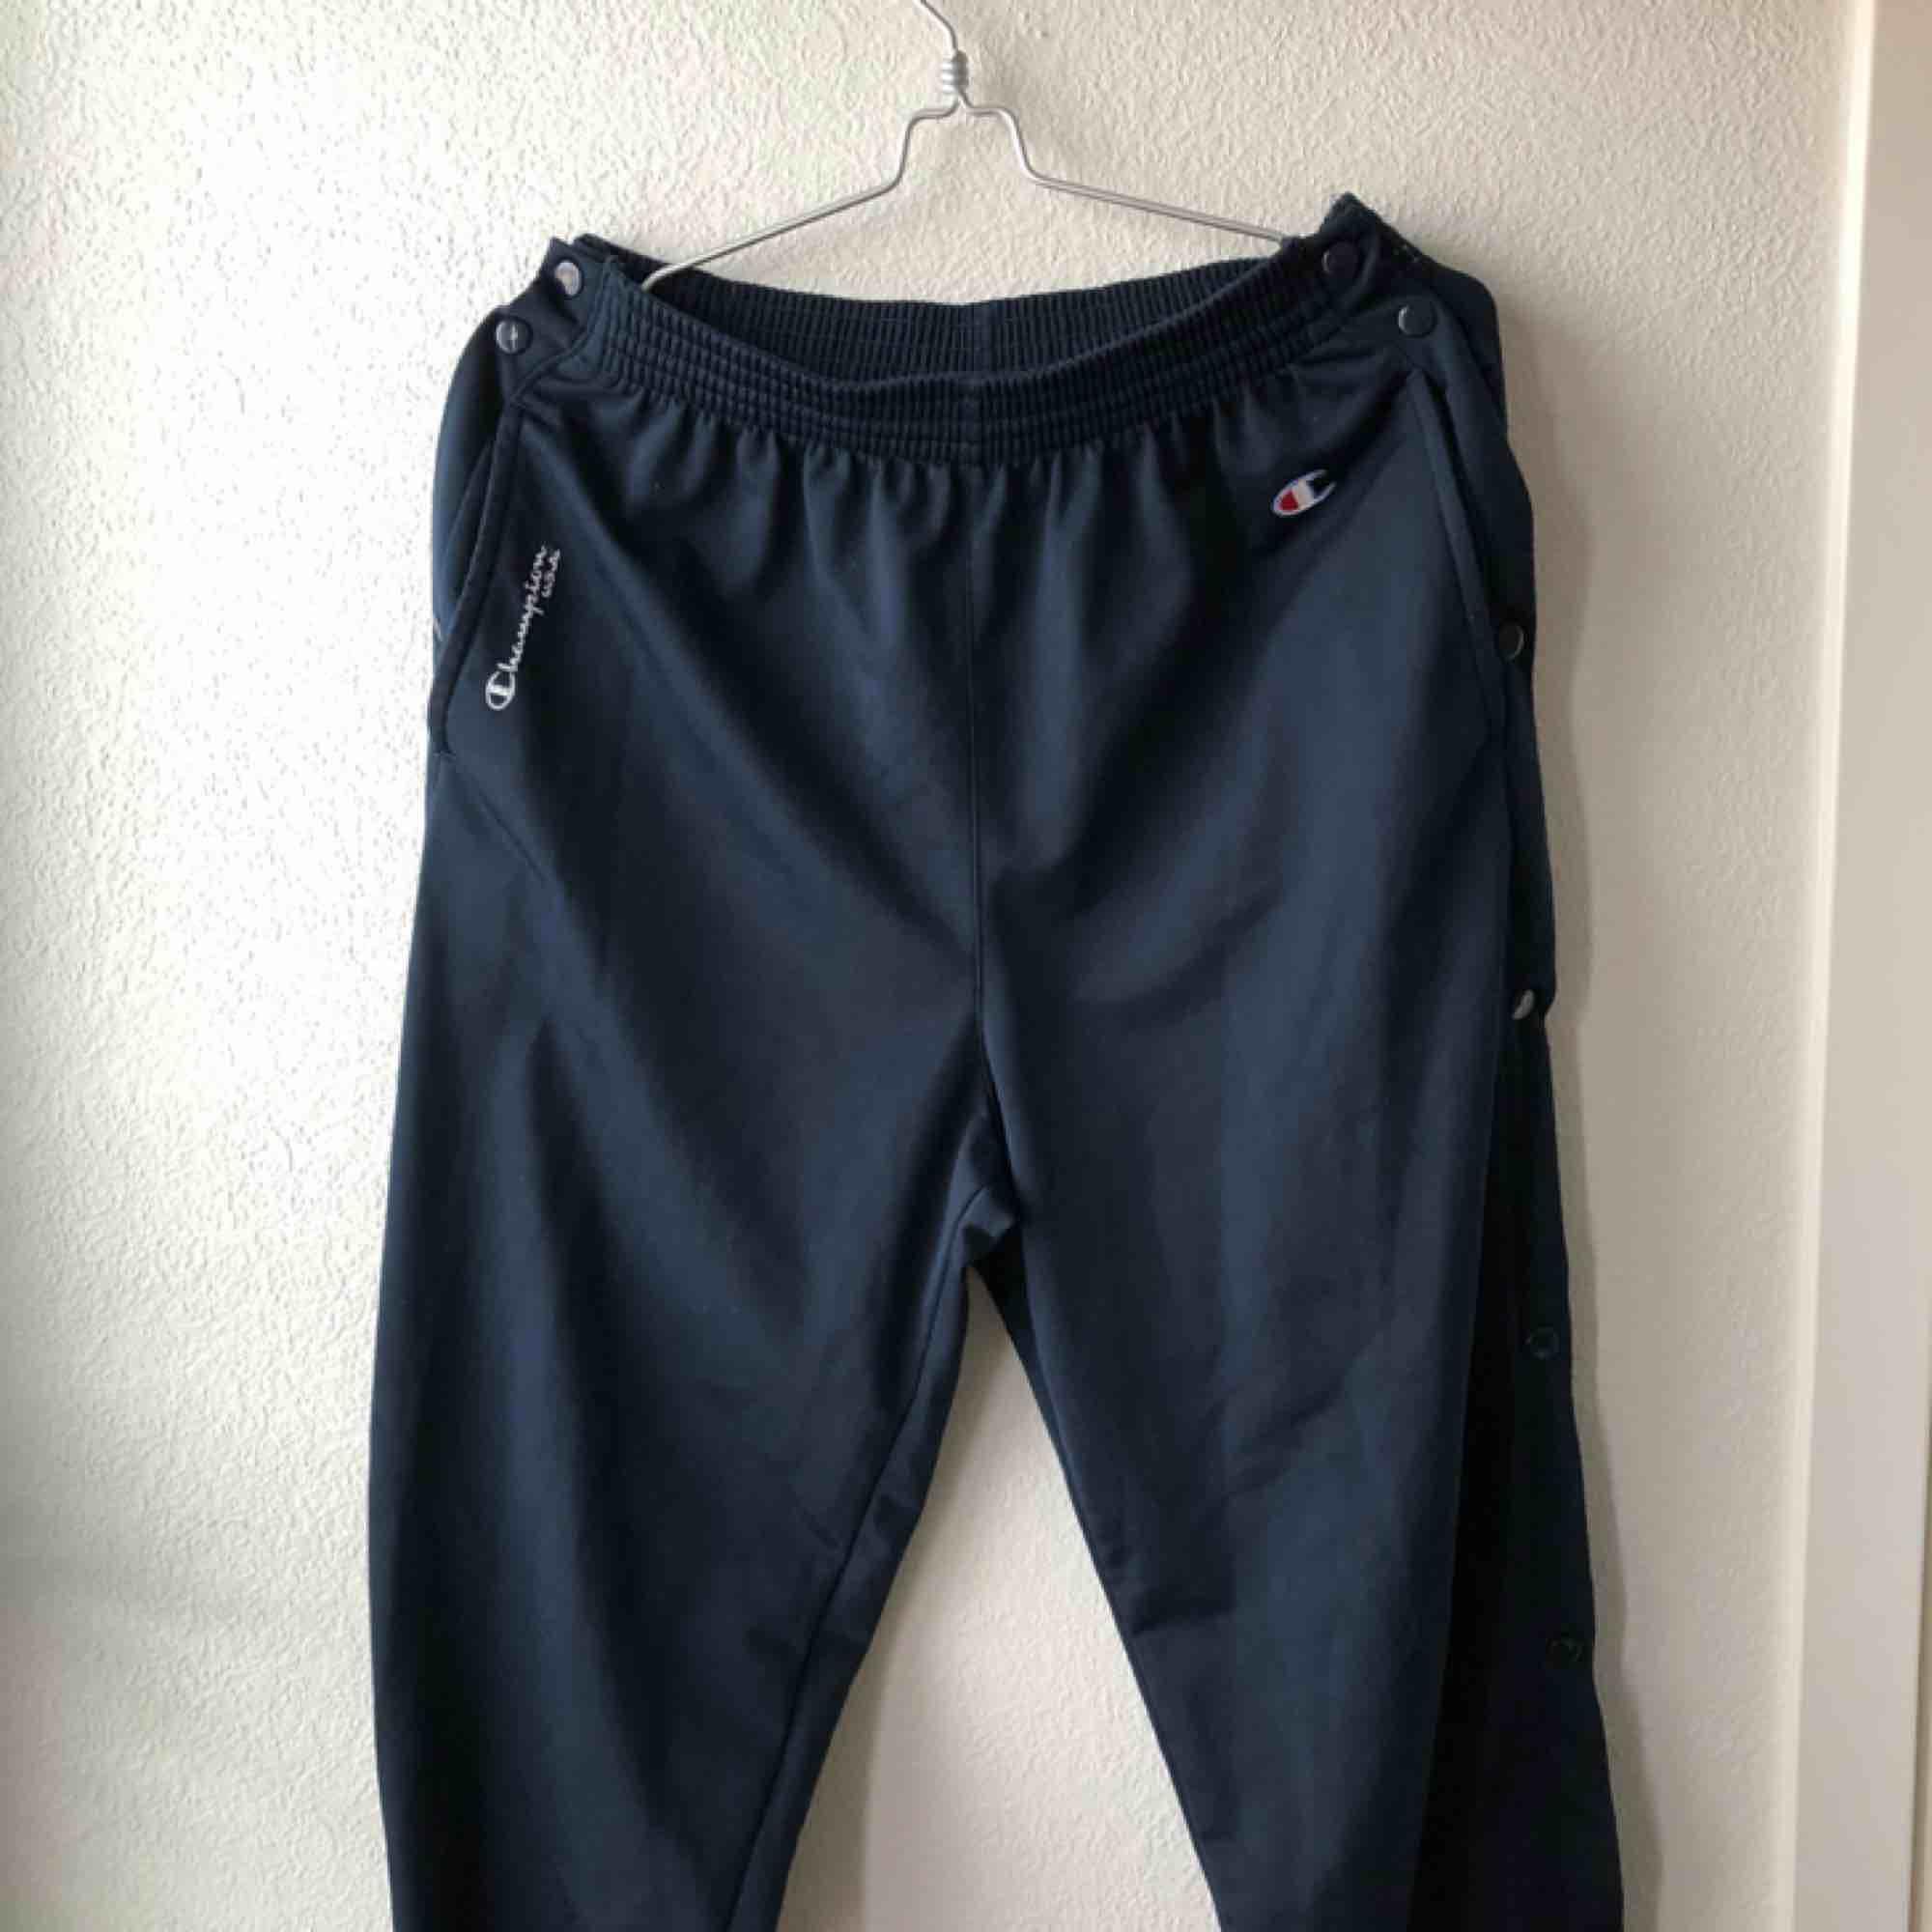 Retro champion byxor med knappar längs benen. Mörkblåa. Mina mått: 64 cm midja, 92 cm höfter, 158 cm lång. Säljer då de är för stora på mig.. Jeans & Byxor.